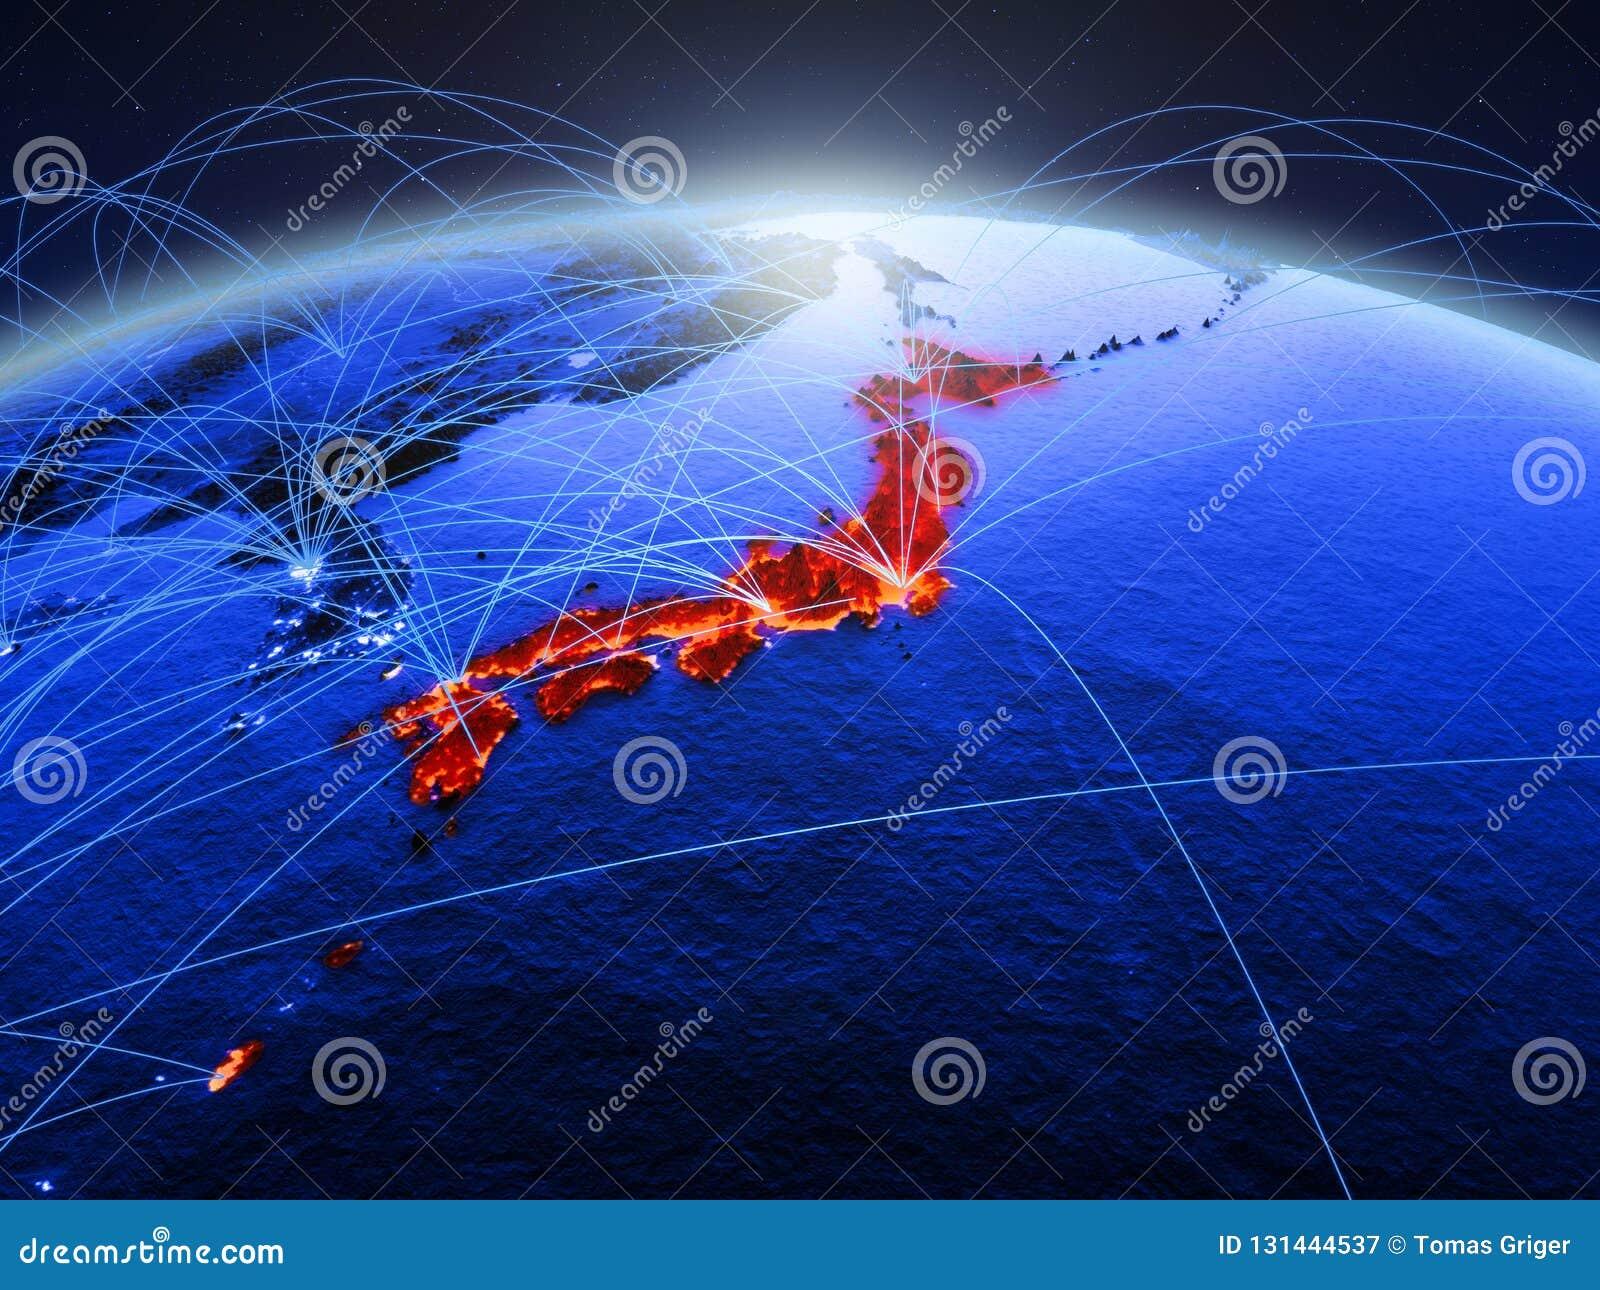 Ιαπωνία στον μπλε ψηφιακό πλανήτη Γη με το διεθνές δίκτυο που αντιπροσωπεύει την επικοινωνία, το ταξίδι και τις συνδέσεις τρισδιά